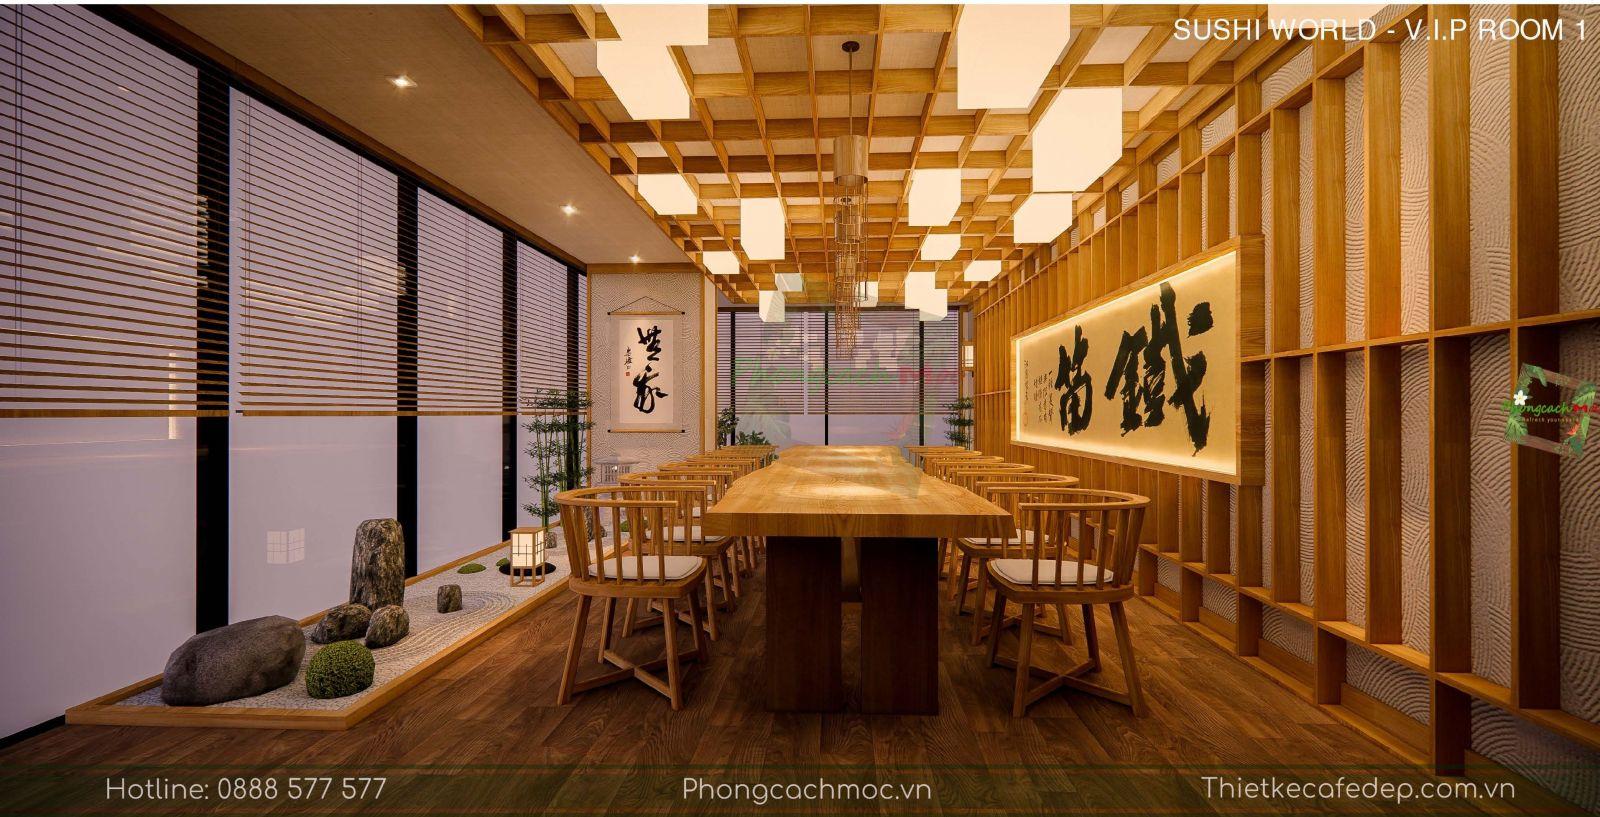 mau-thiet-ke-nha-hang-nhat-ban-hien-dai-sushi-world-viprooms-3